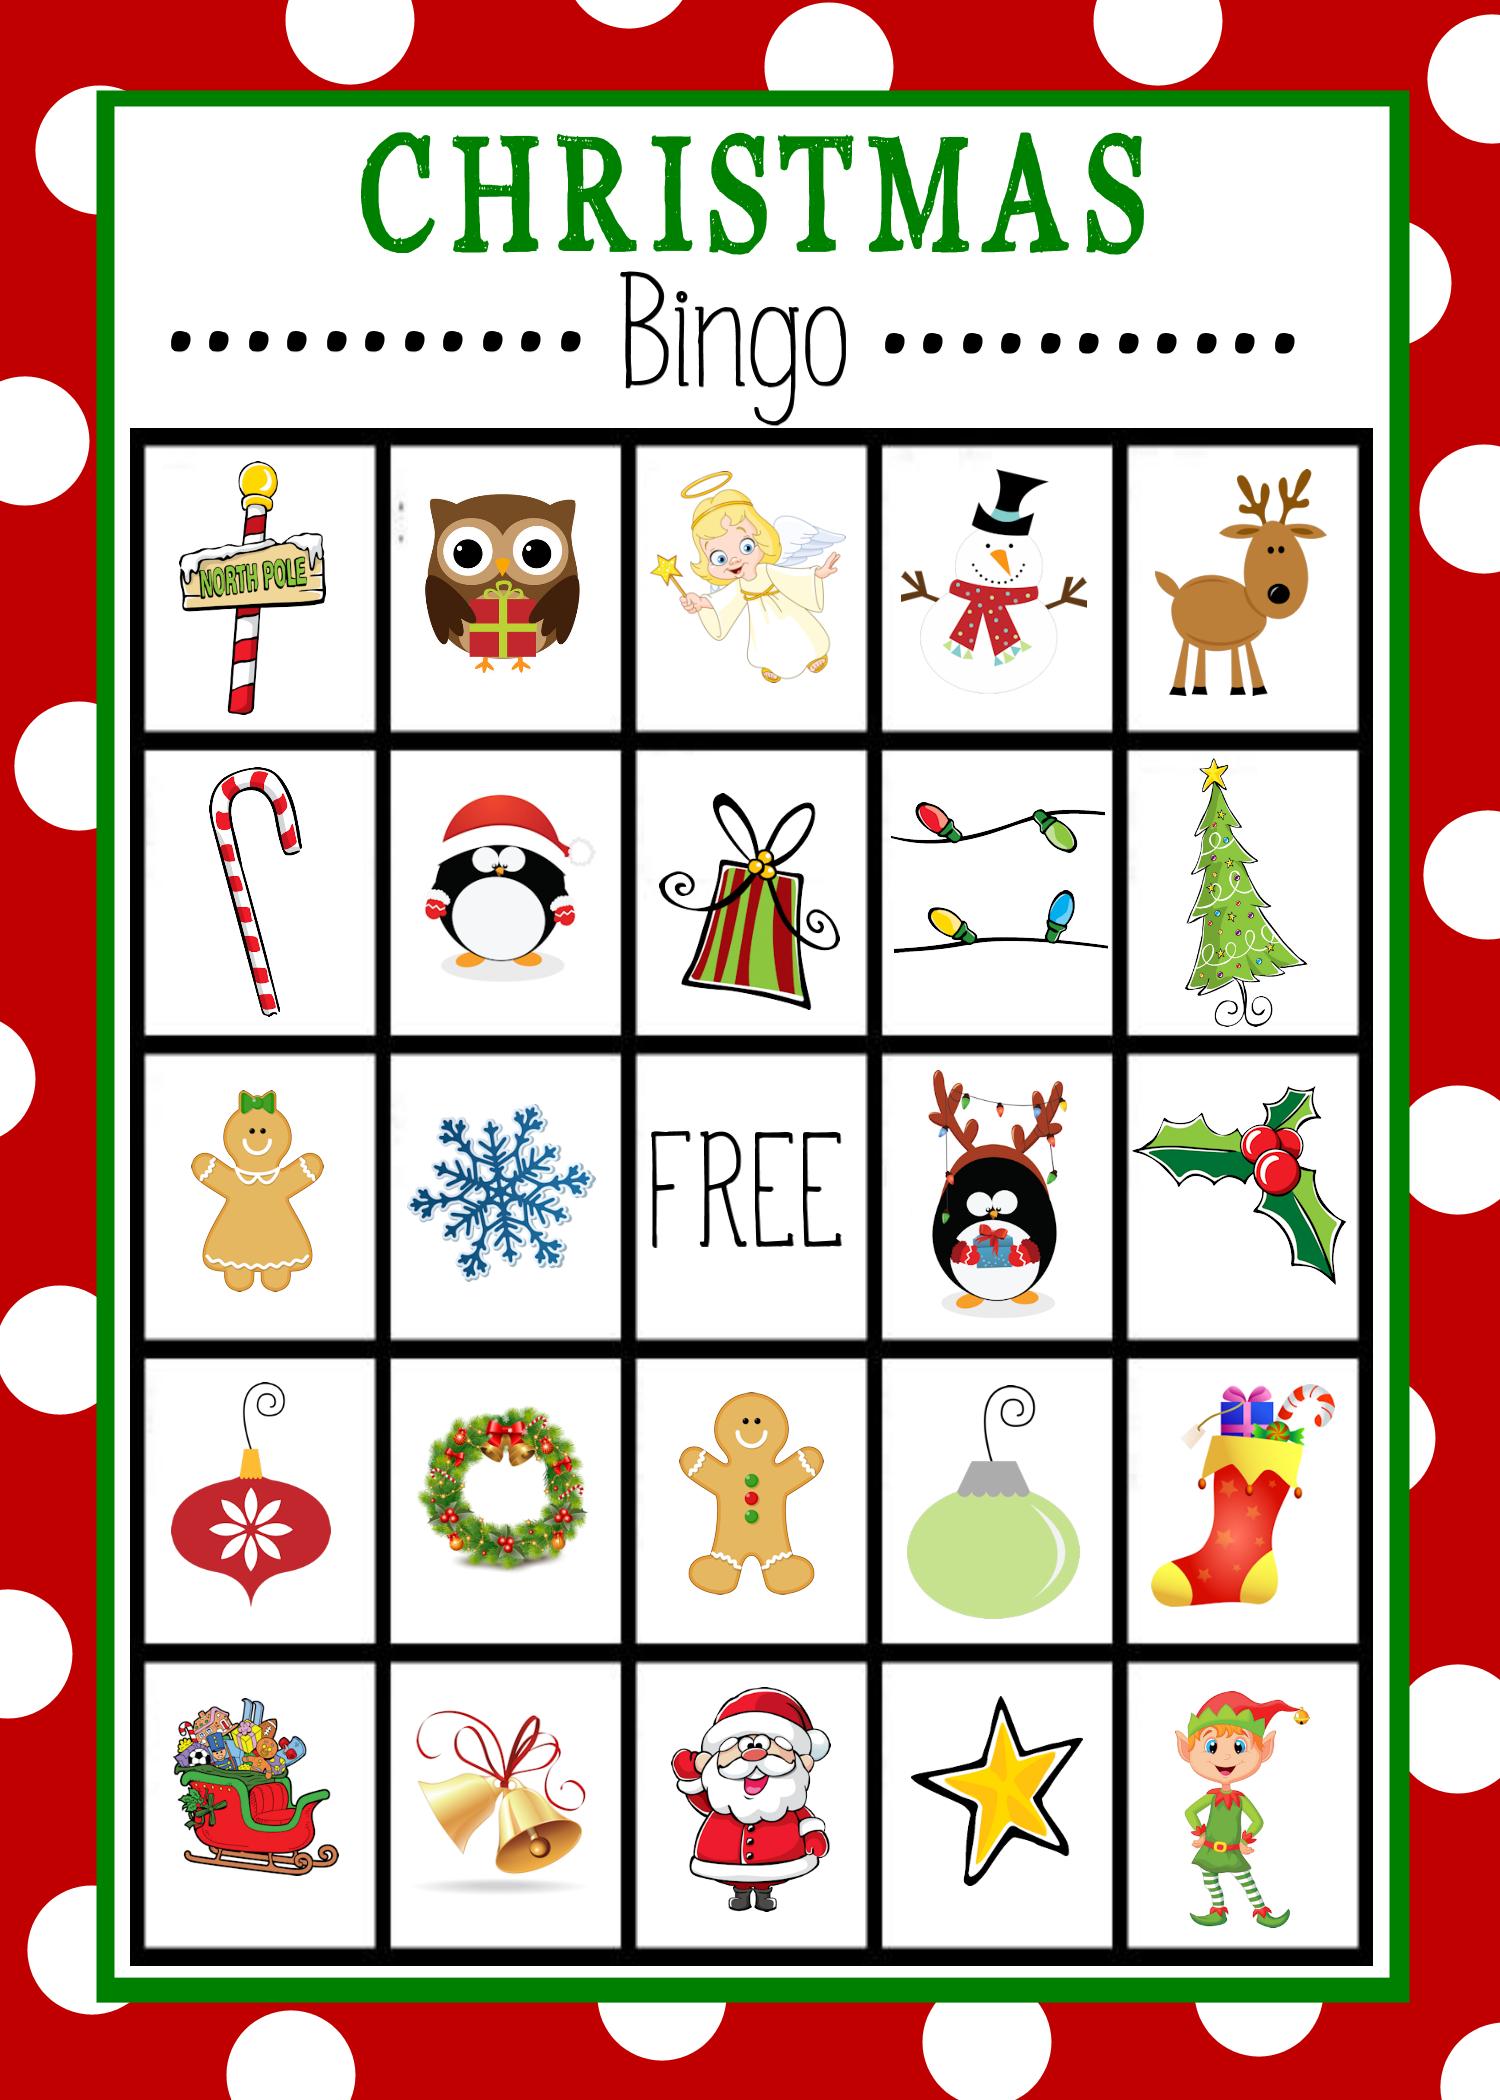 Free Printable Christmas Bingo Game | Christmas Bingo